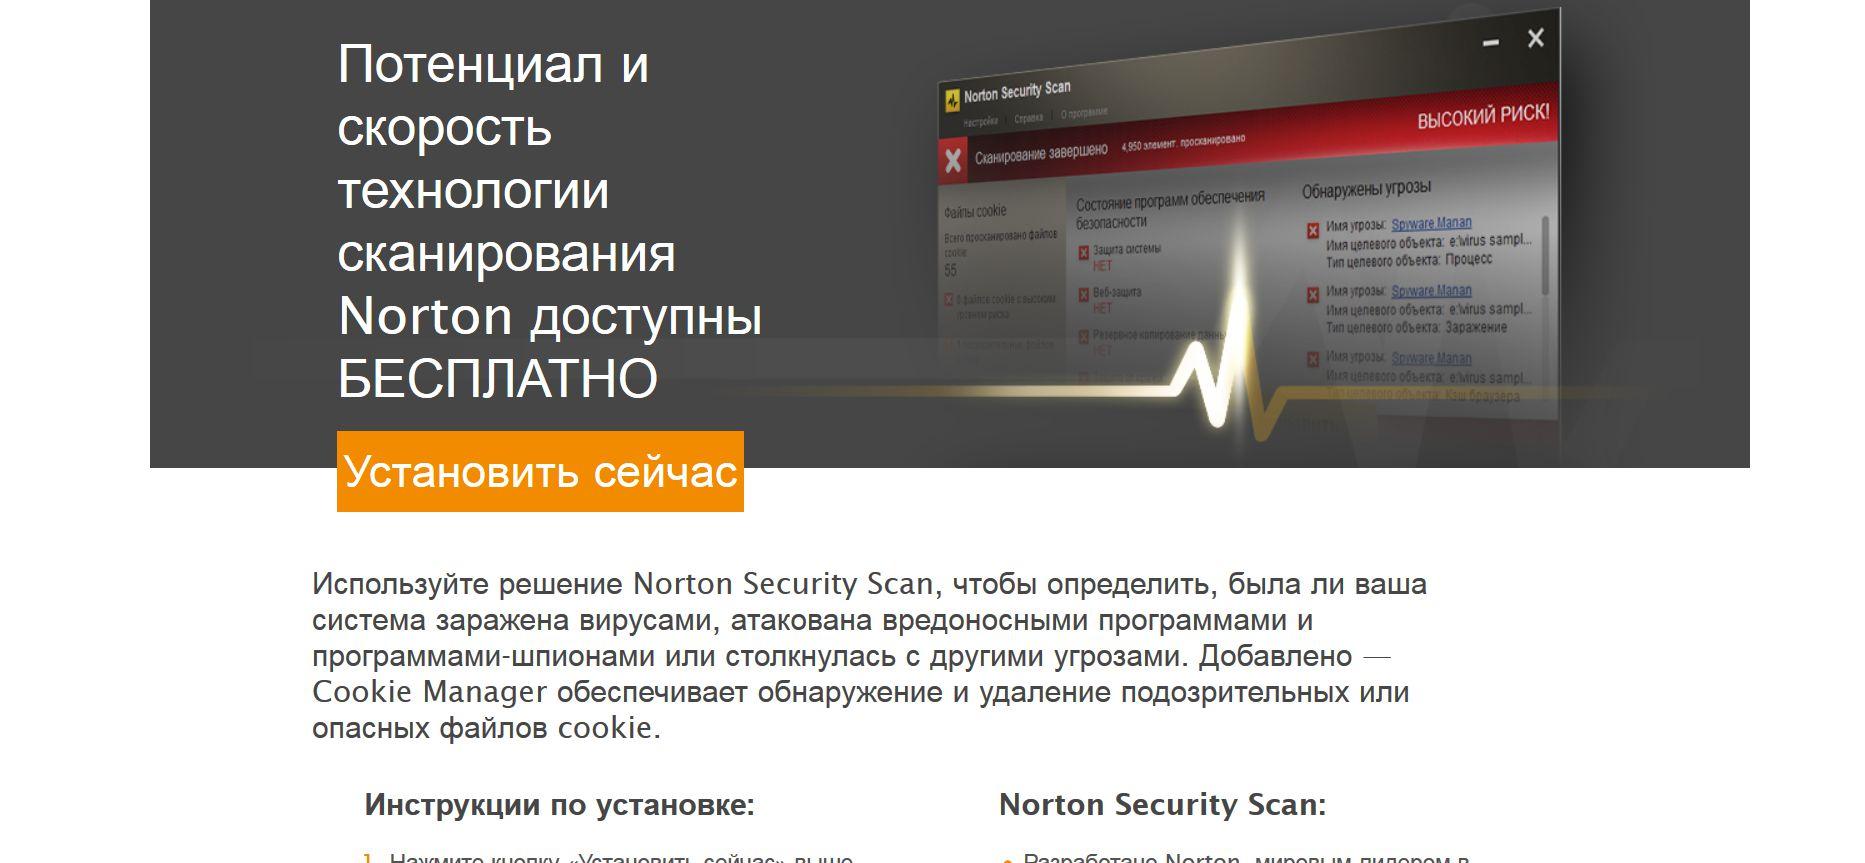 Norton Security Scan